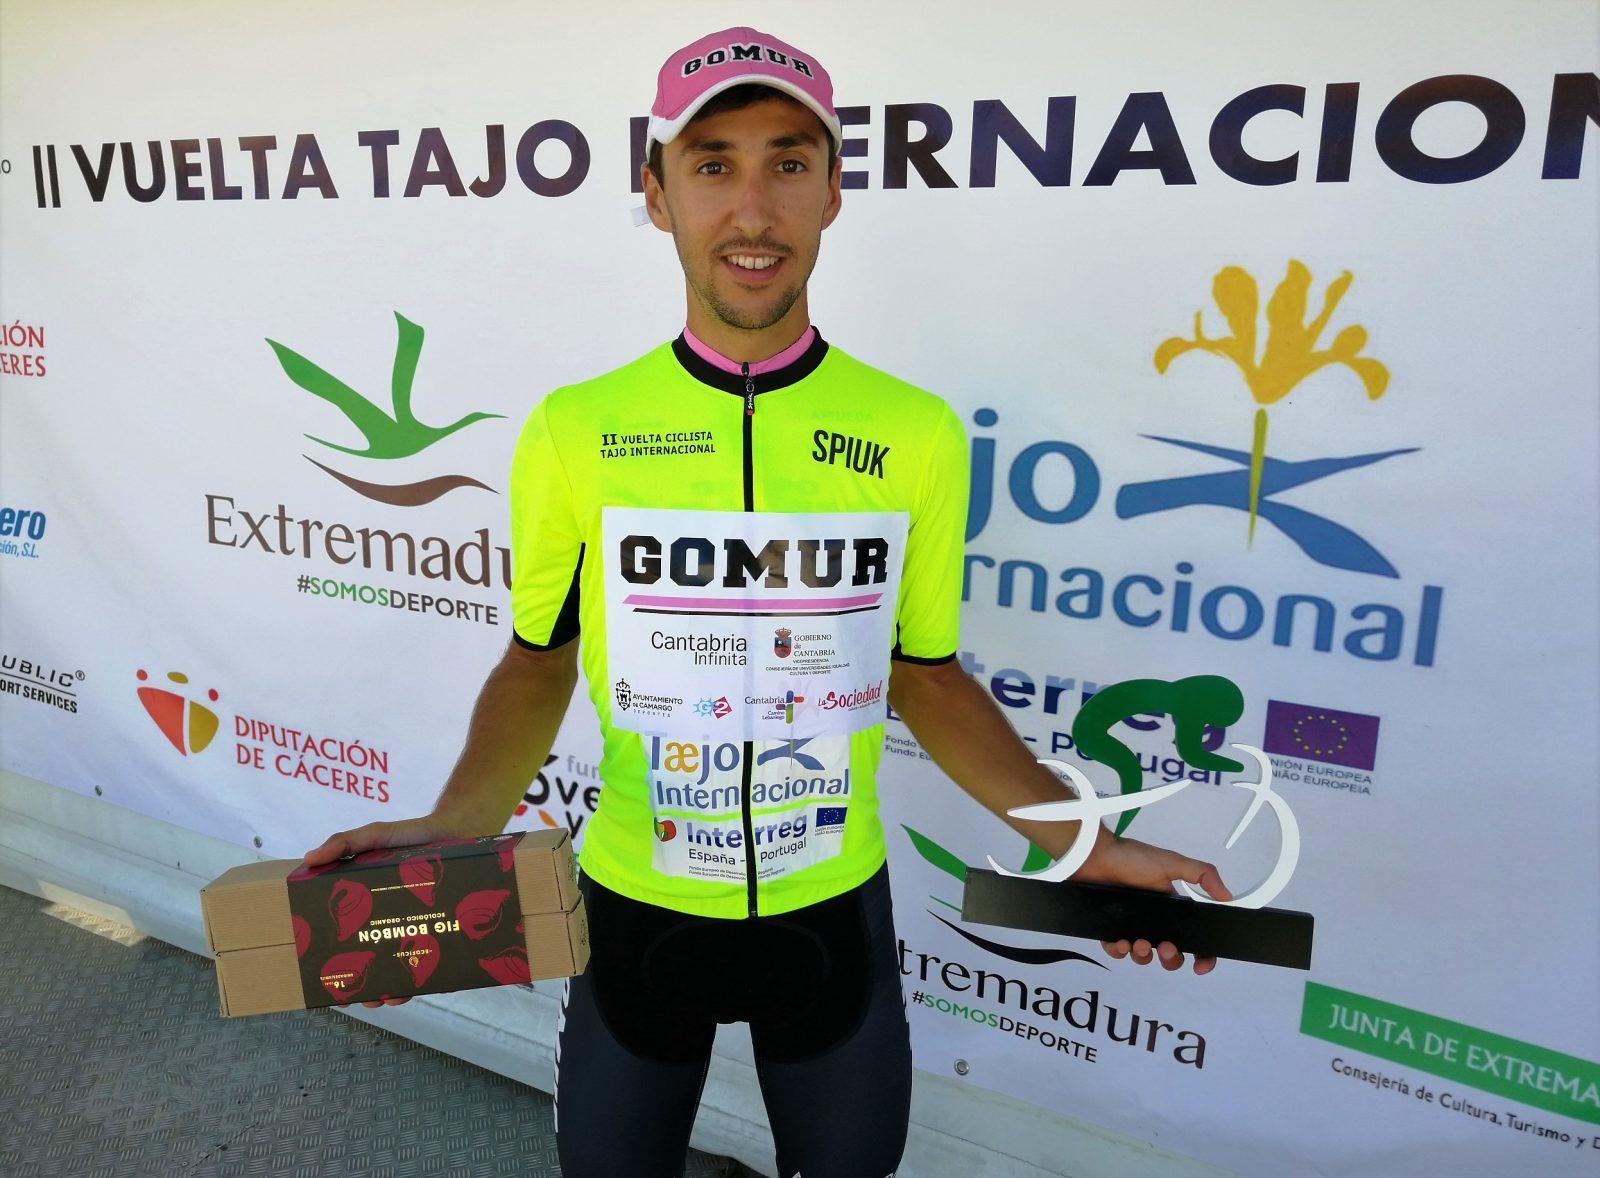 Ángel Coterillo Gomur Vuelta Tajo